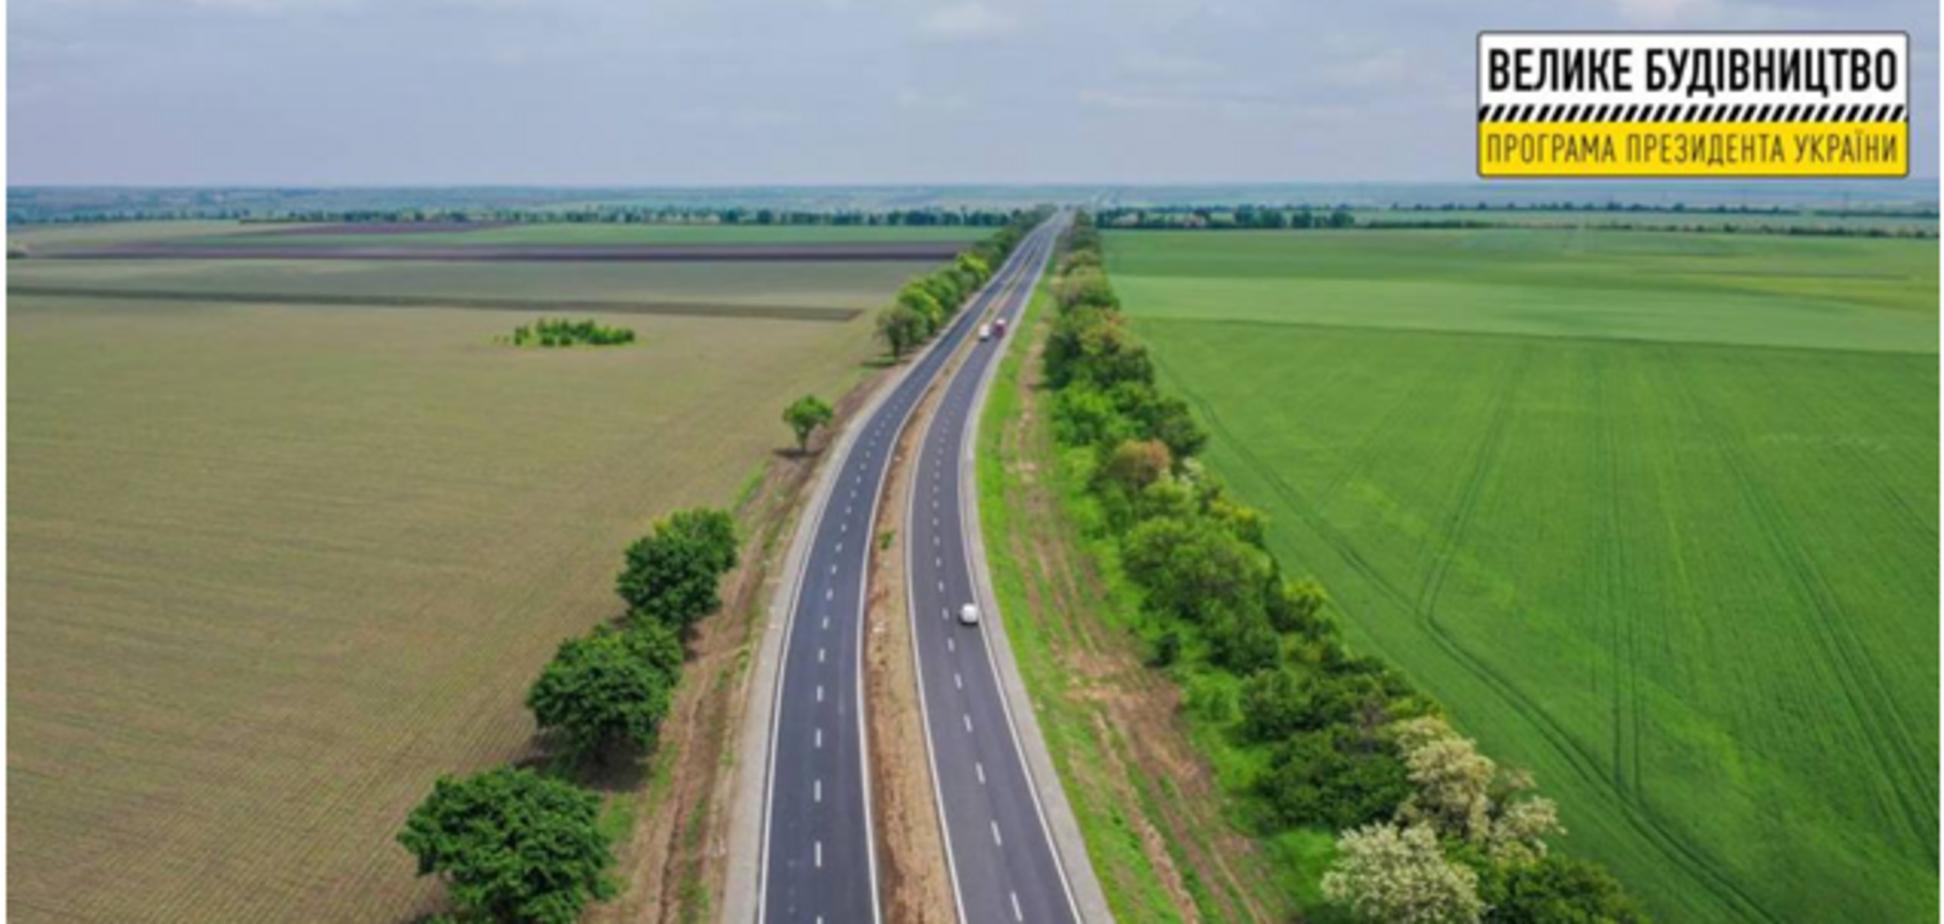 Відомий журналіст про програму 'Велике будівництво': Зеленський робить країні євроремонт